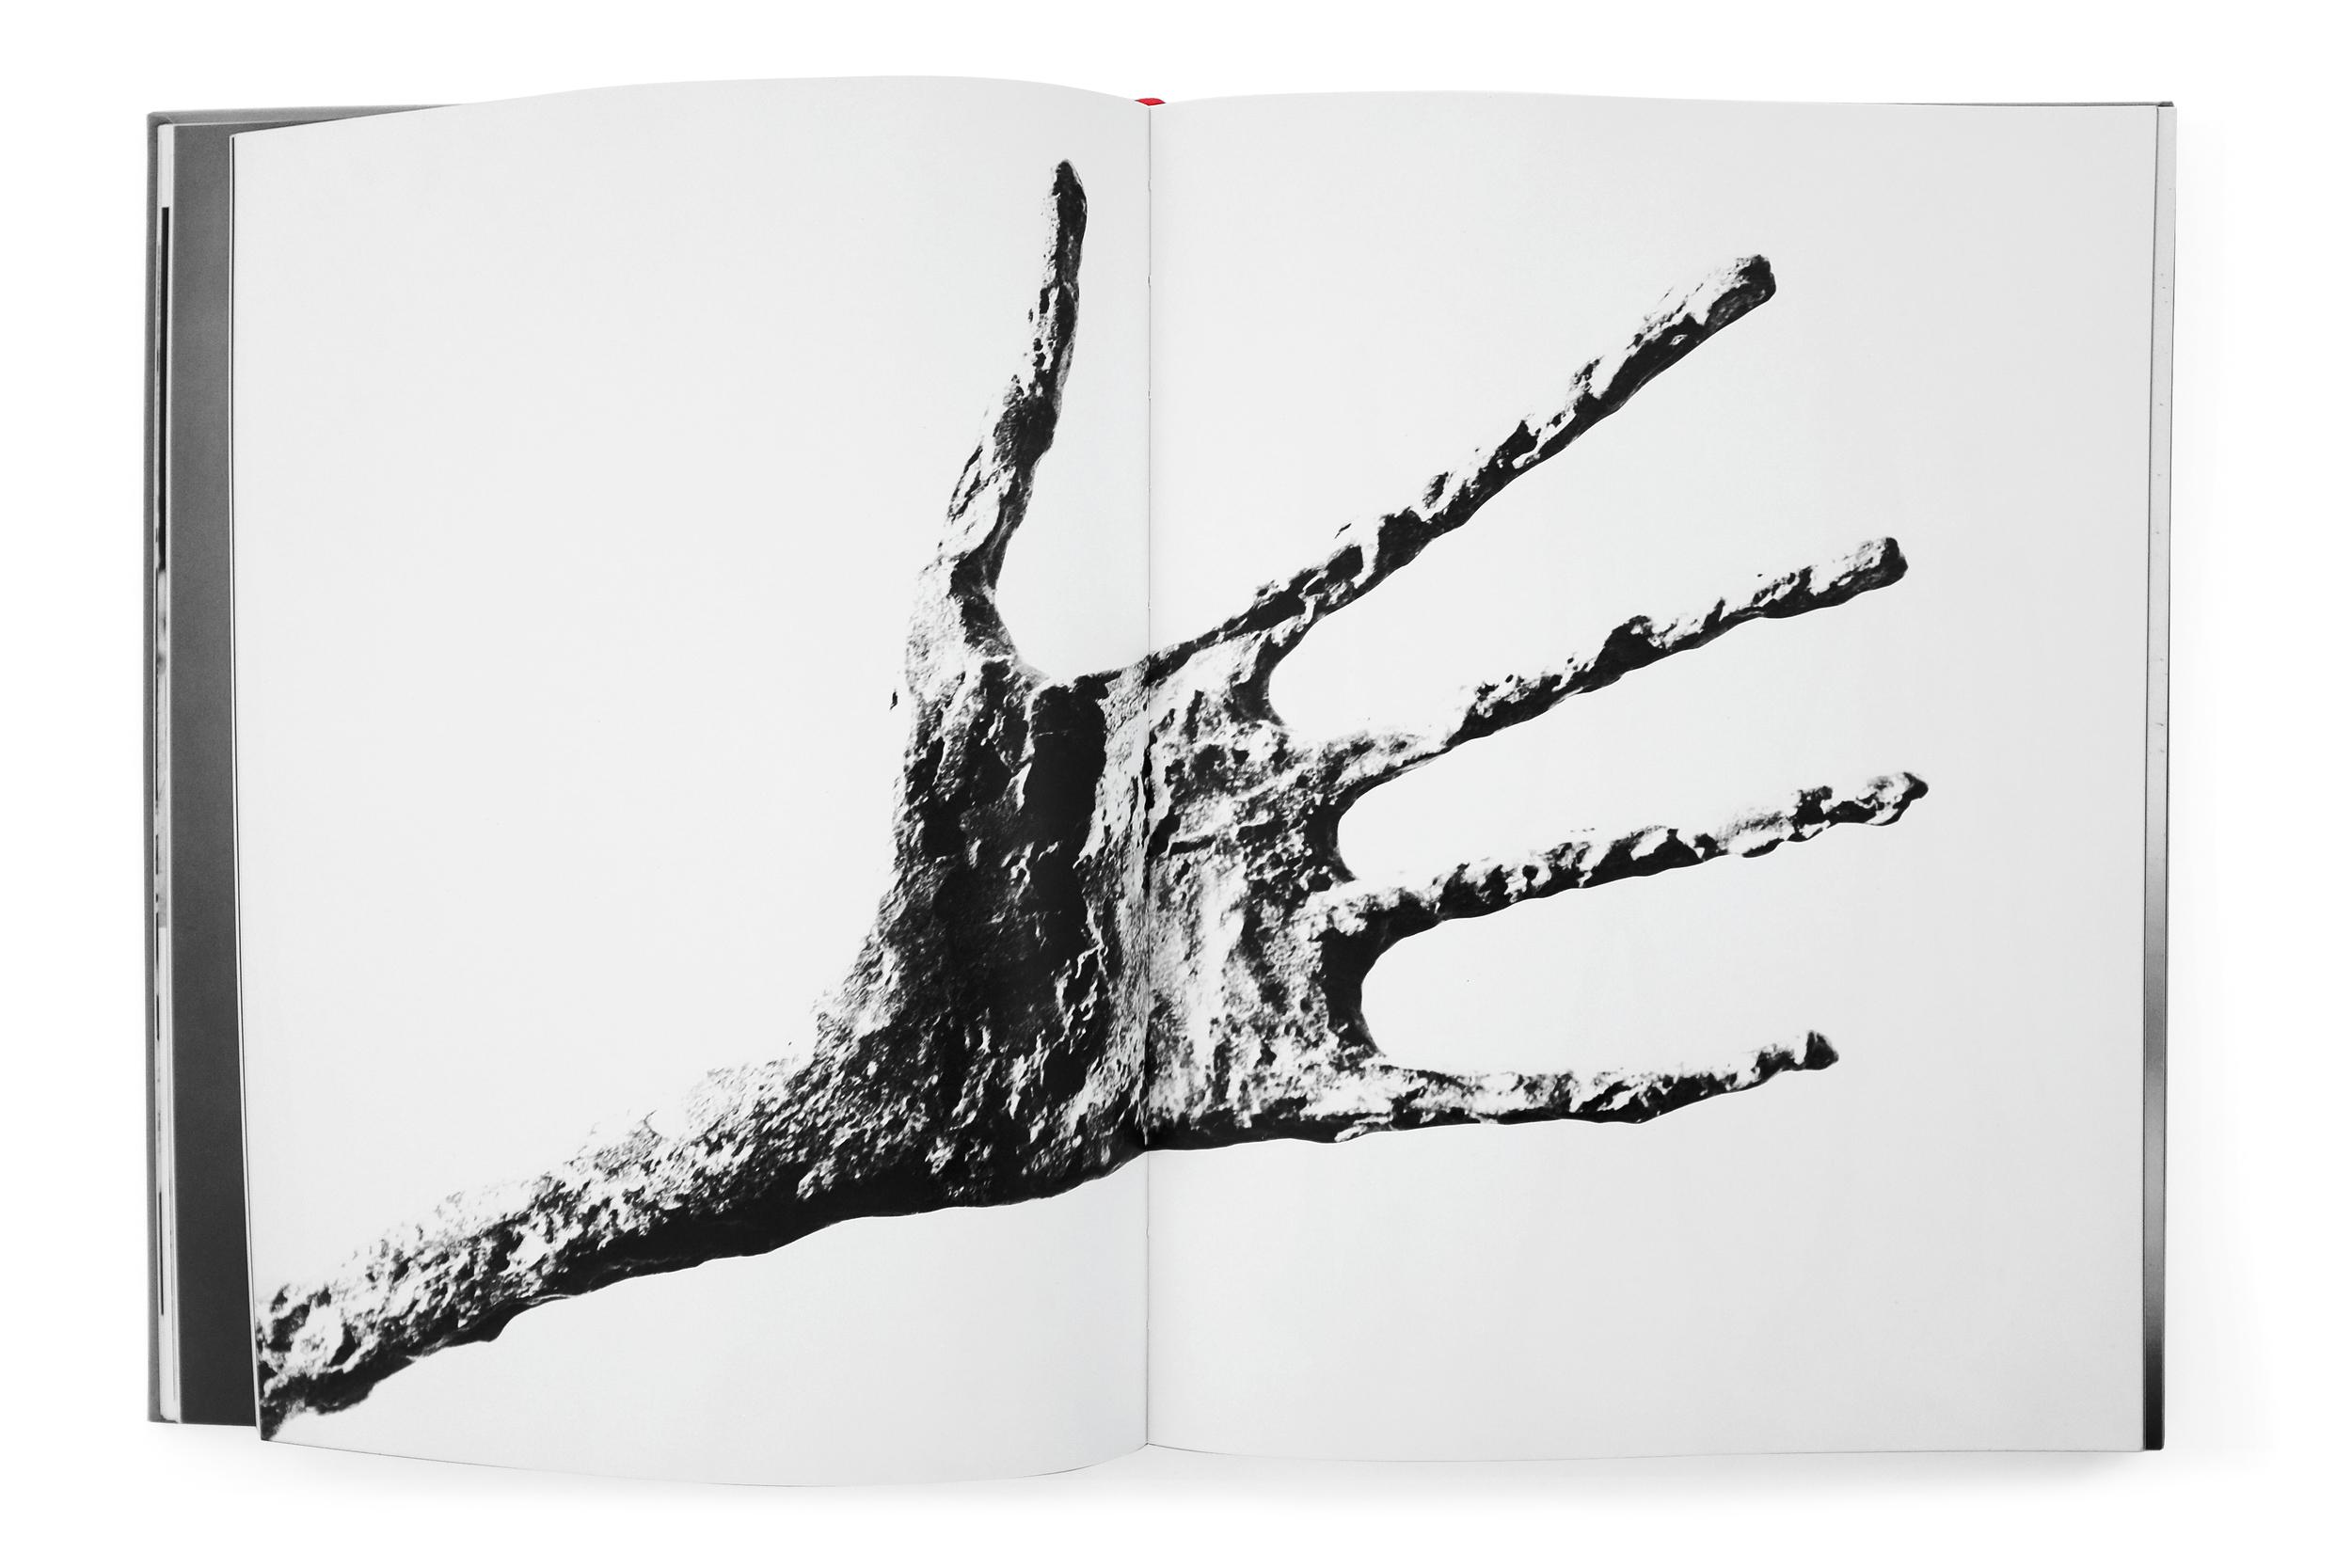 giacometti_book21.jpg